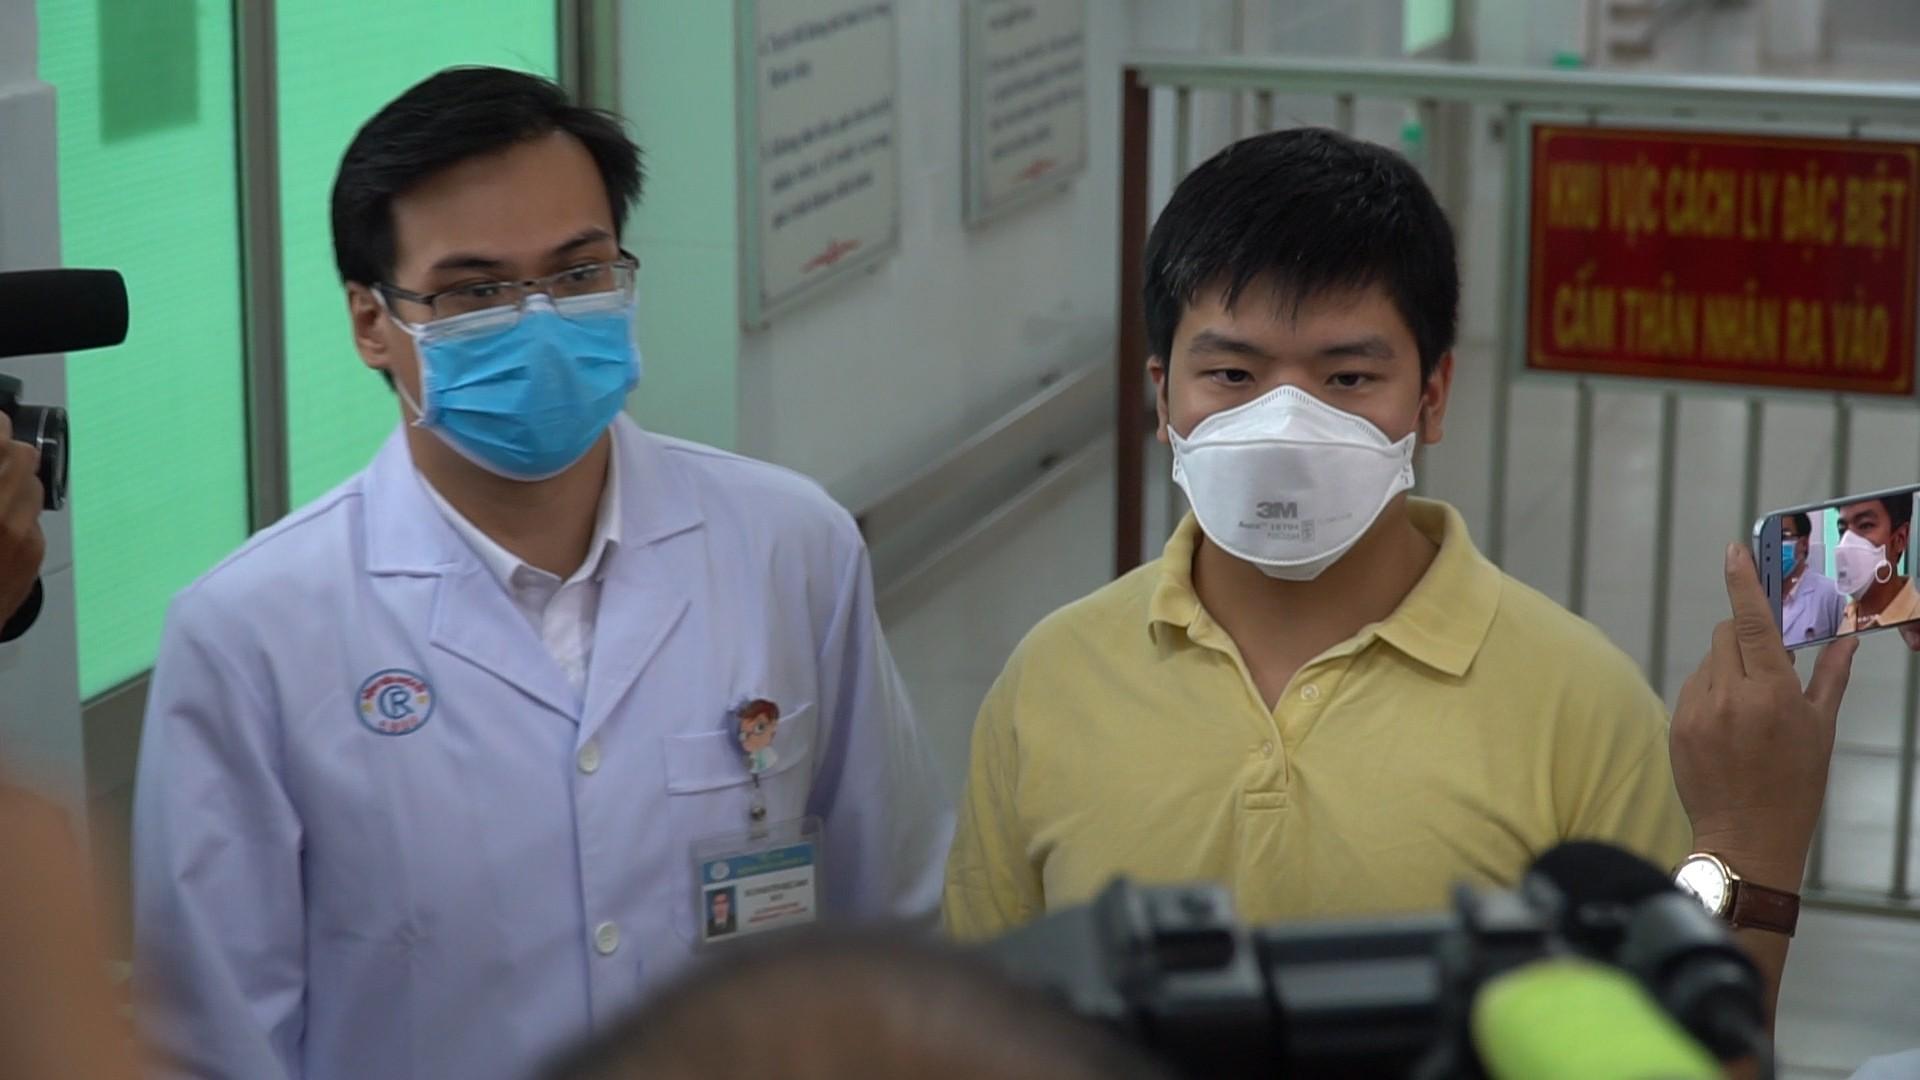 Y bác sĩ xuyên tết chống dịch Corona: Chuyện giờ mới kể